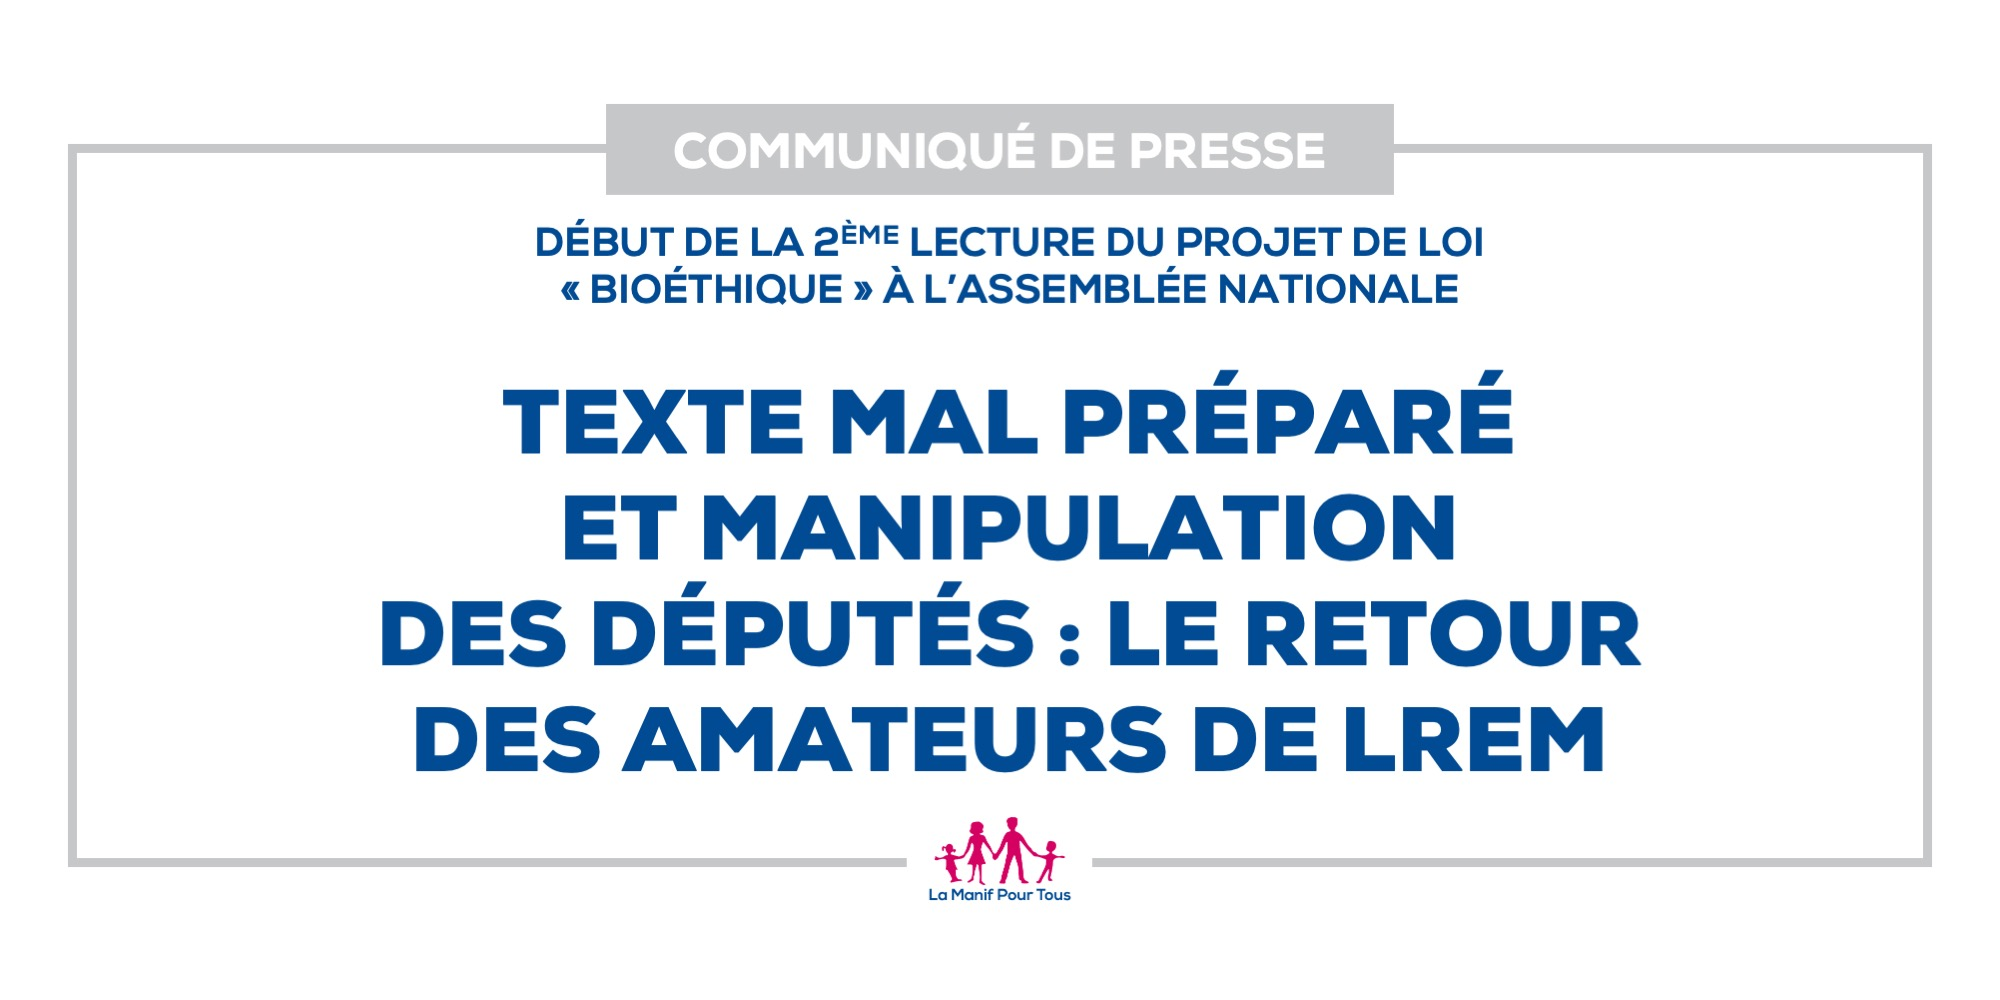 Image - Texte mal préparé et manipulation des députés : le retour des amateurs de LREM